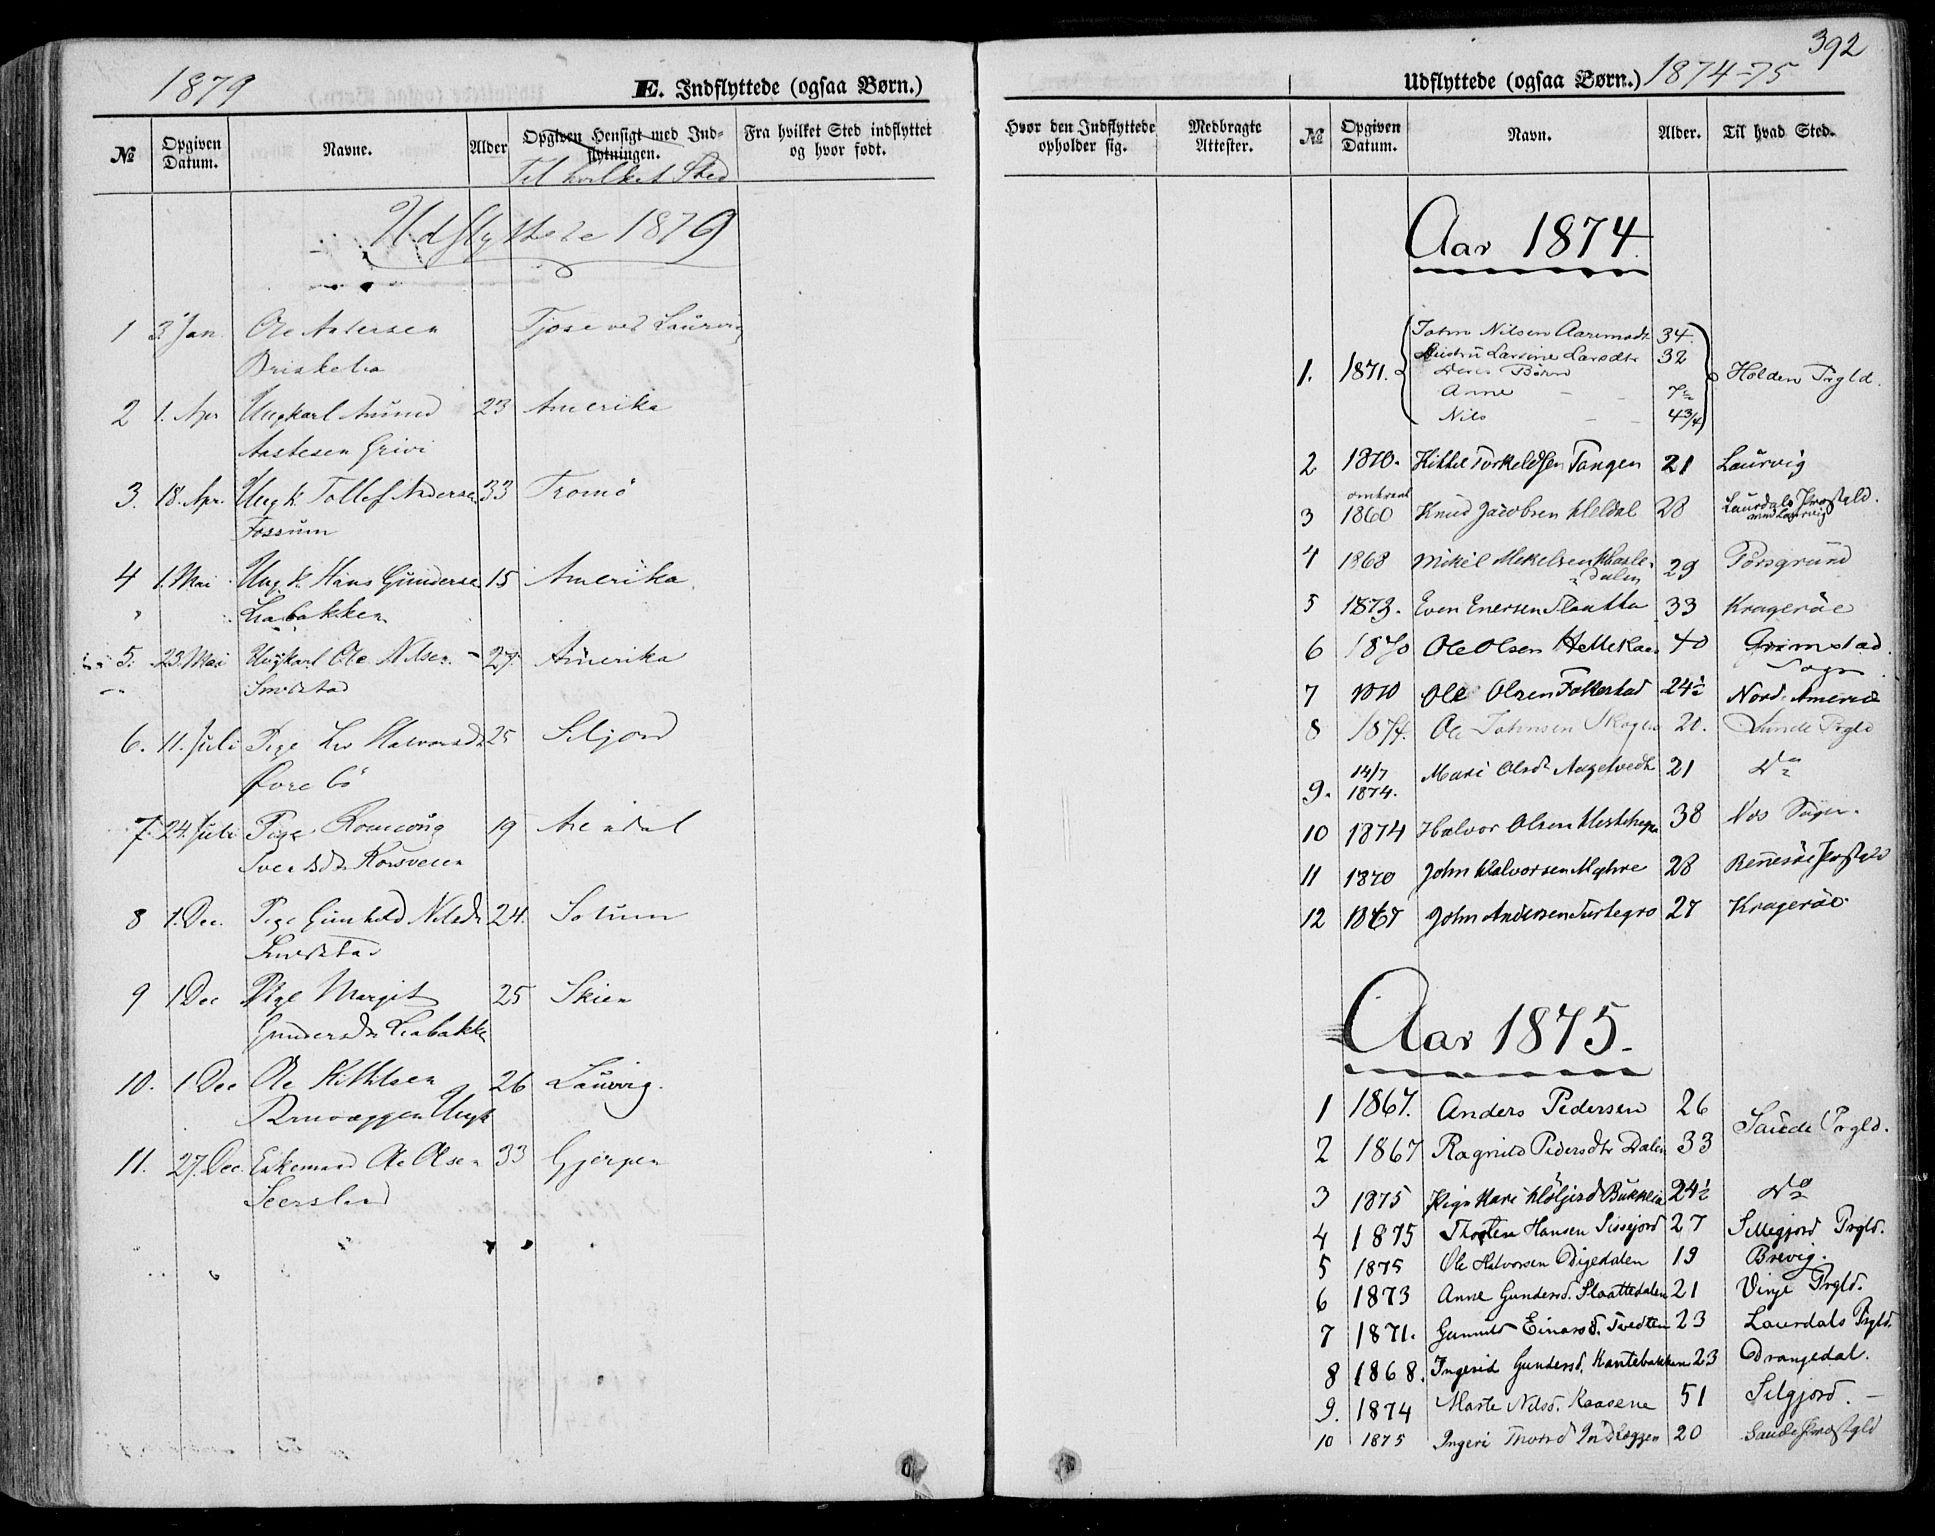 SAKO, Bø kirkebøker, F/Fa/L0009: Ministerialbok nr. 9, 1862-1879, s. 392